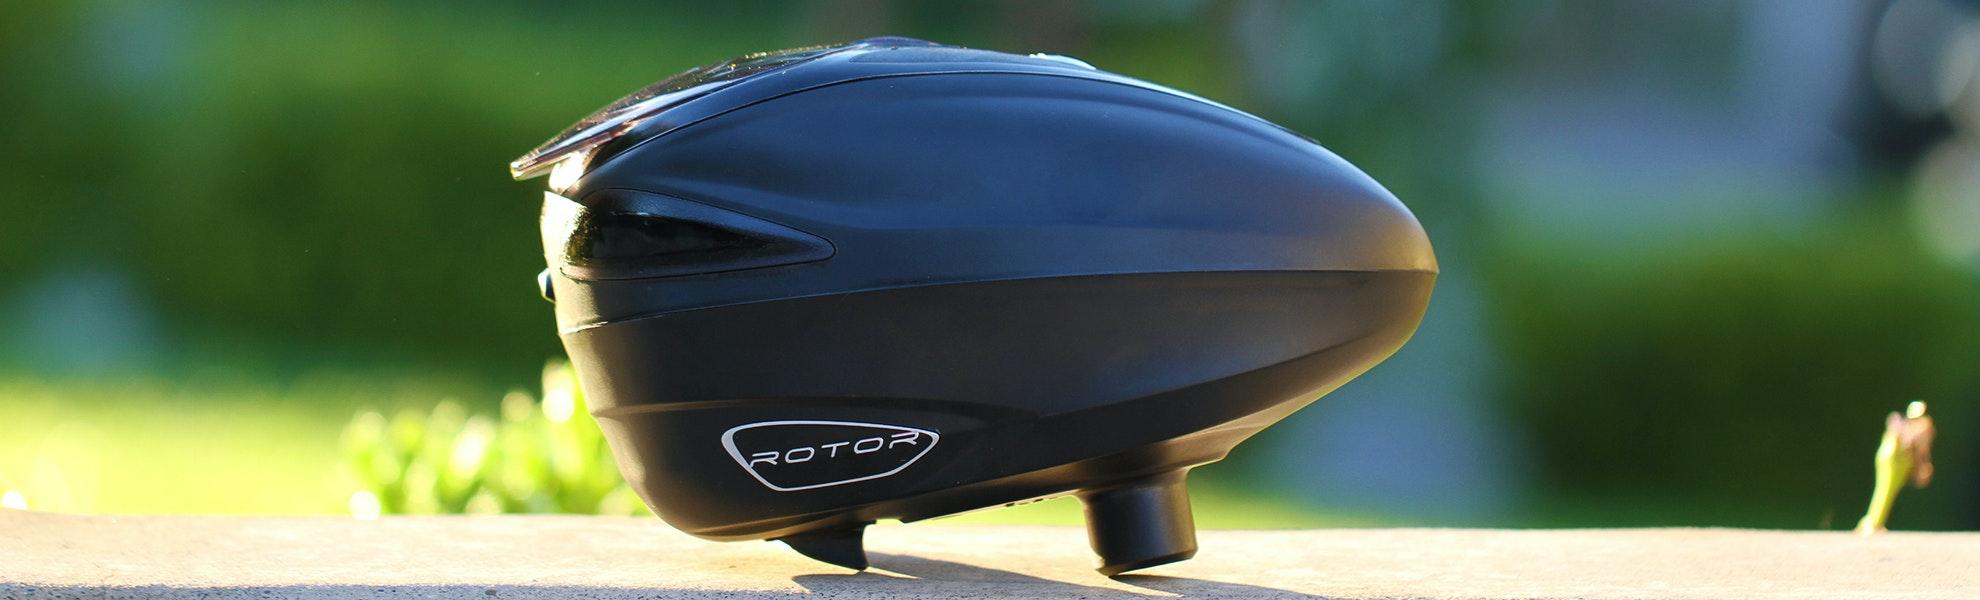 Dye Rotor Loader (Black)